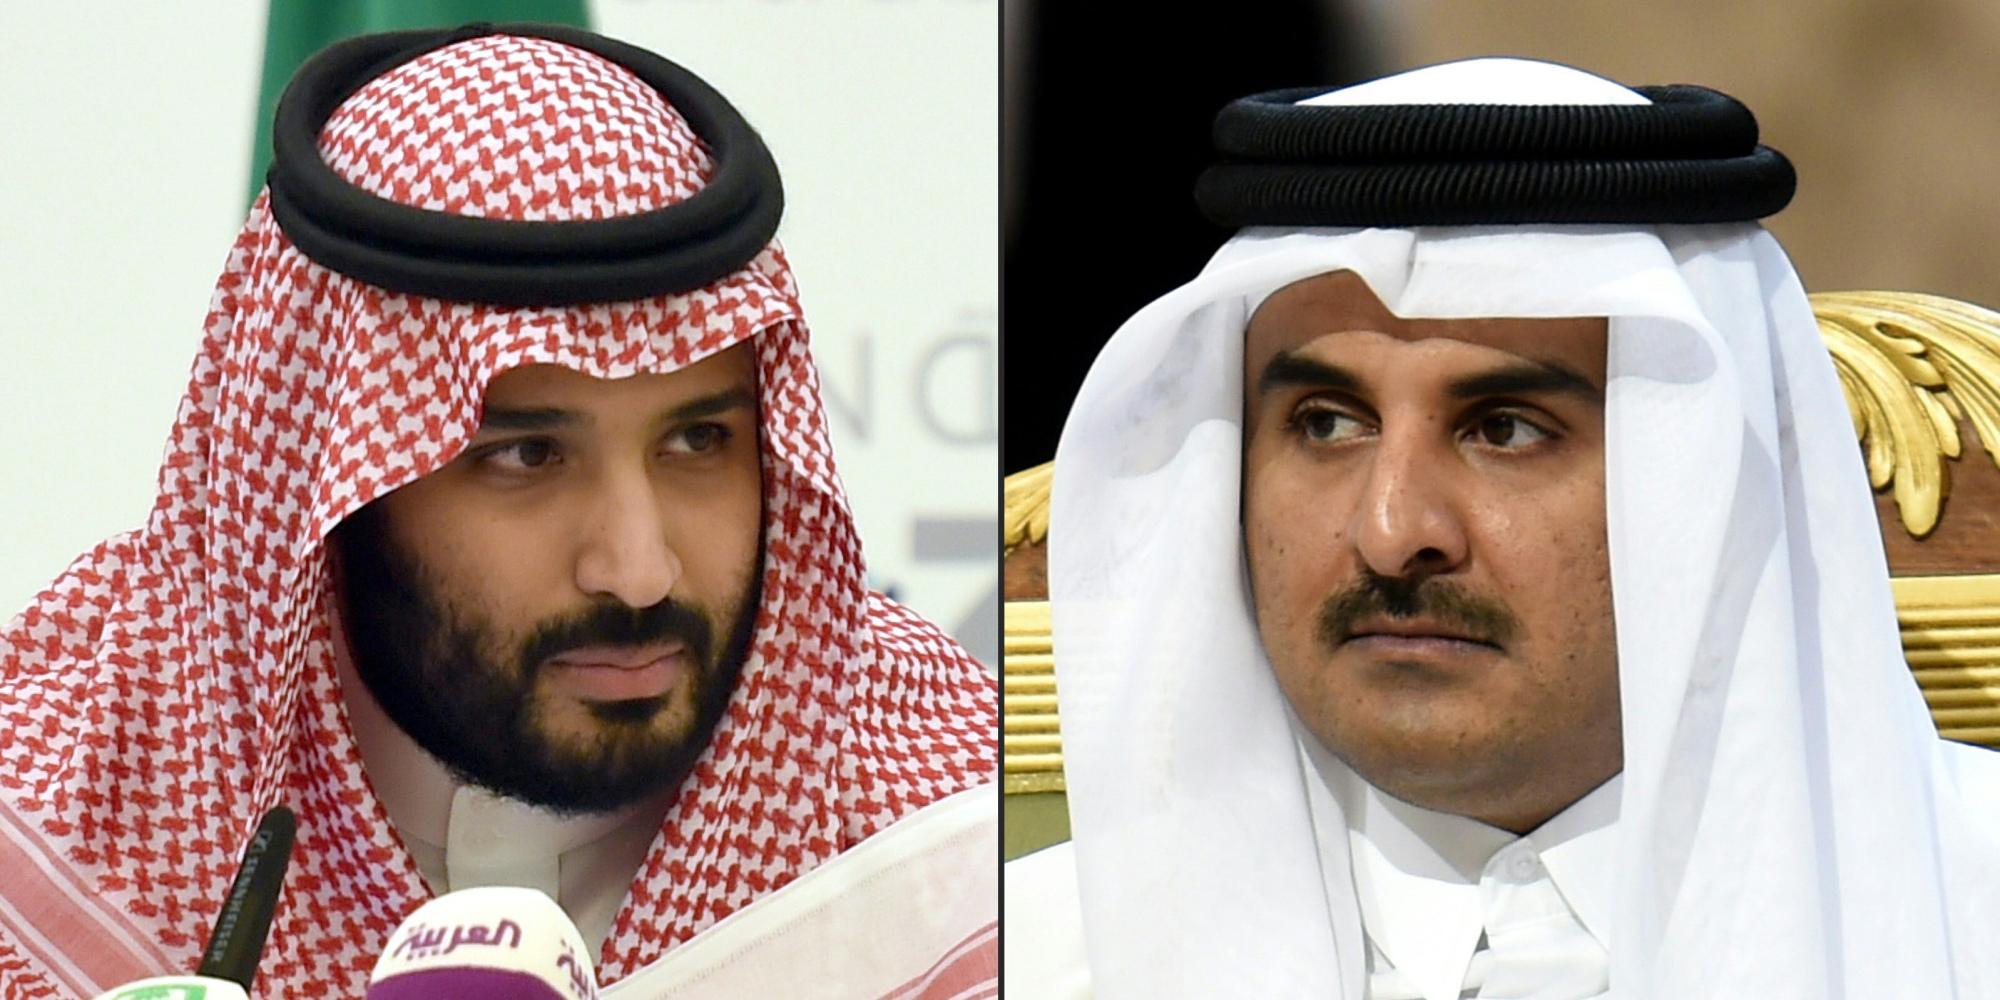 تفاصيل الساعات الأخيرة في الأزمة الخليجية.. قطر تتواصل، والسعودية توقف الحوار، وترامب يهاتف الجميع